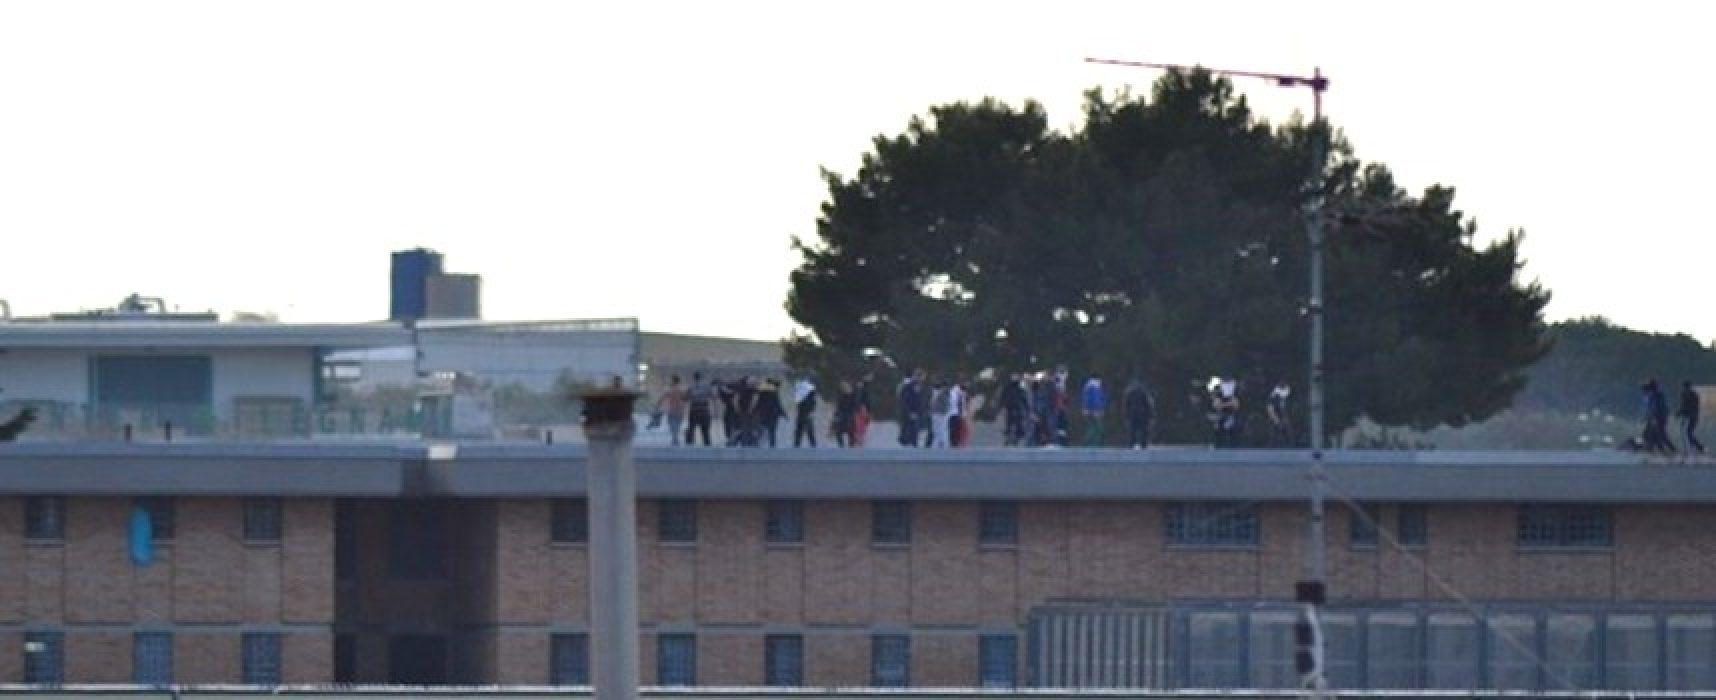 Caos carcere di Trani, problemi viabilità sulla strada statale 16